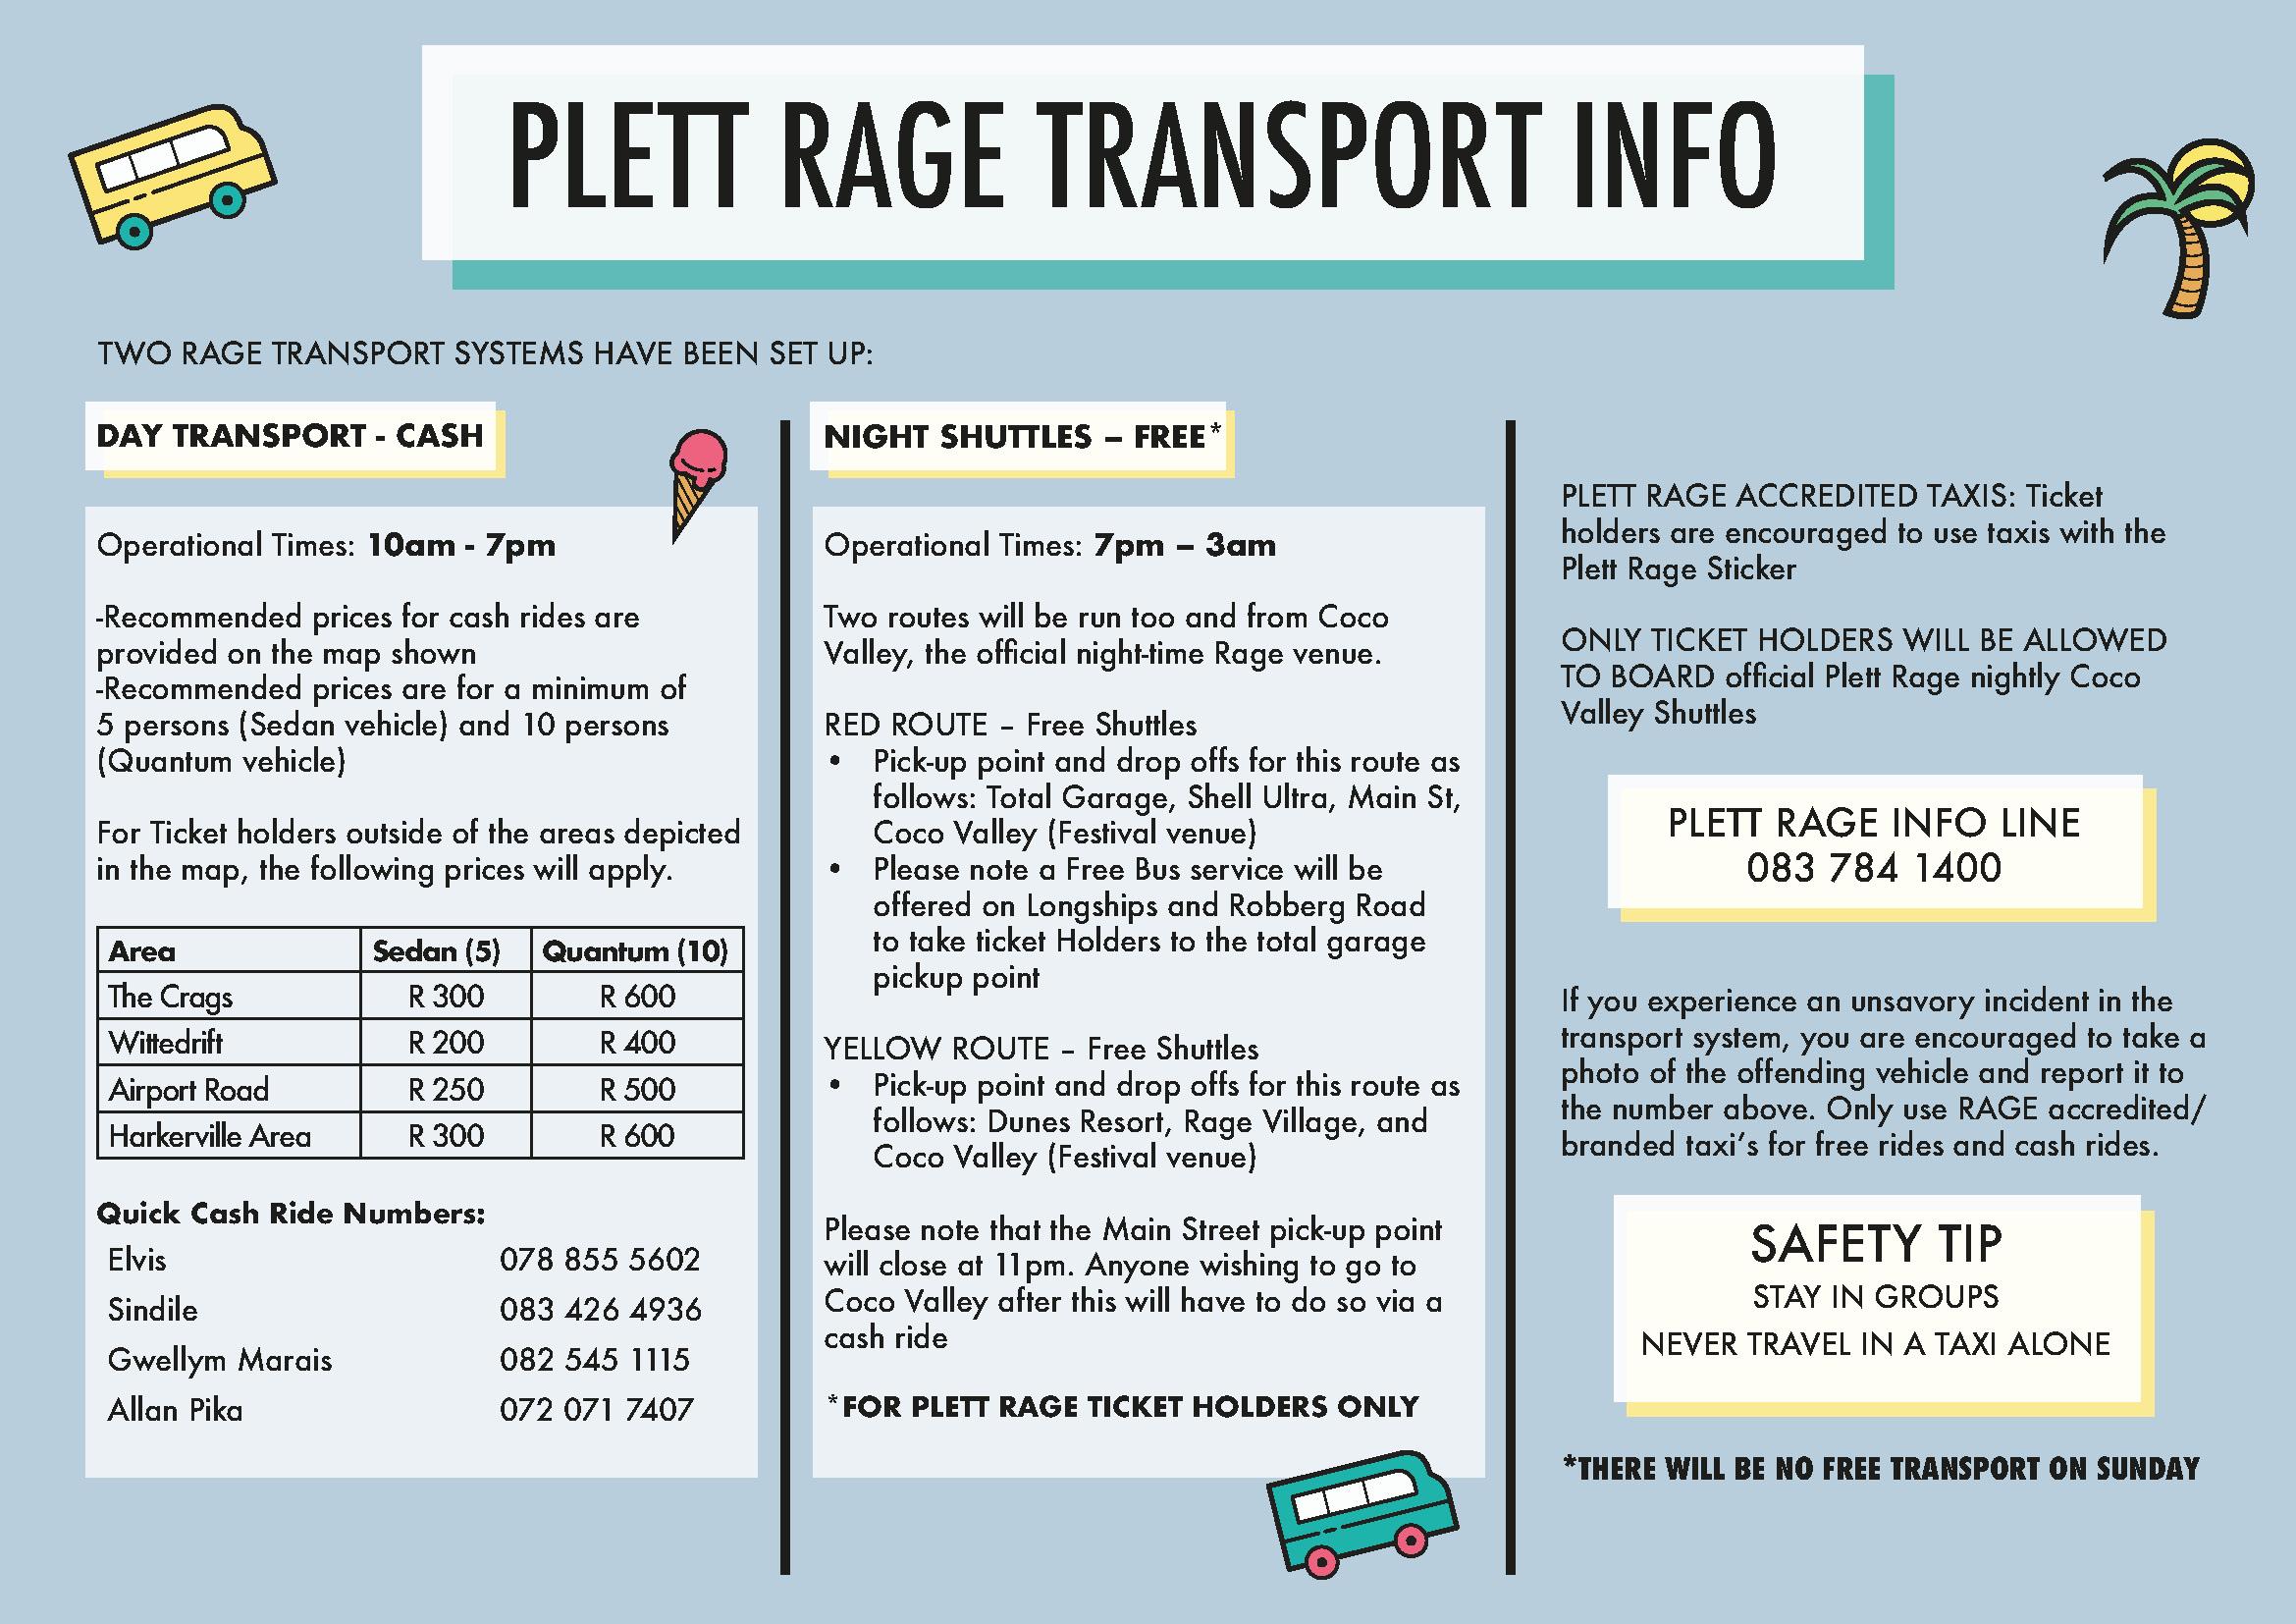 Plett Rage taxi transport information « Plett Rage taxi transport